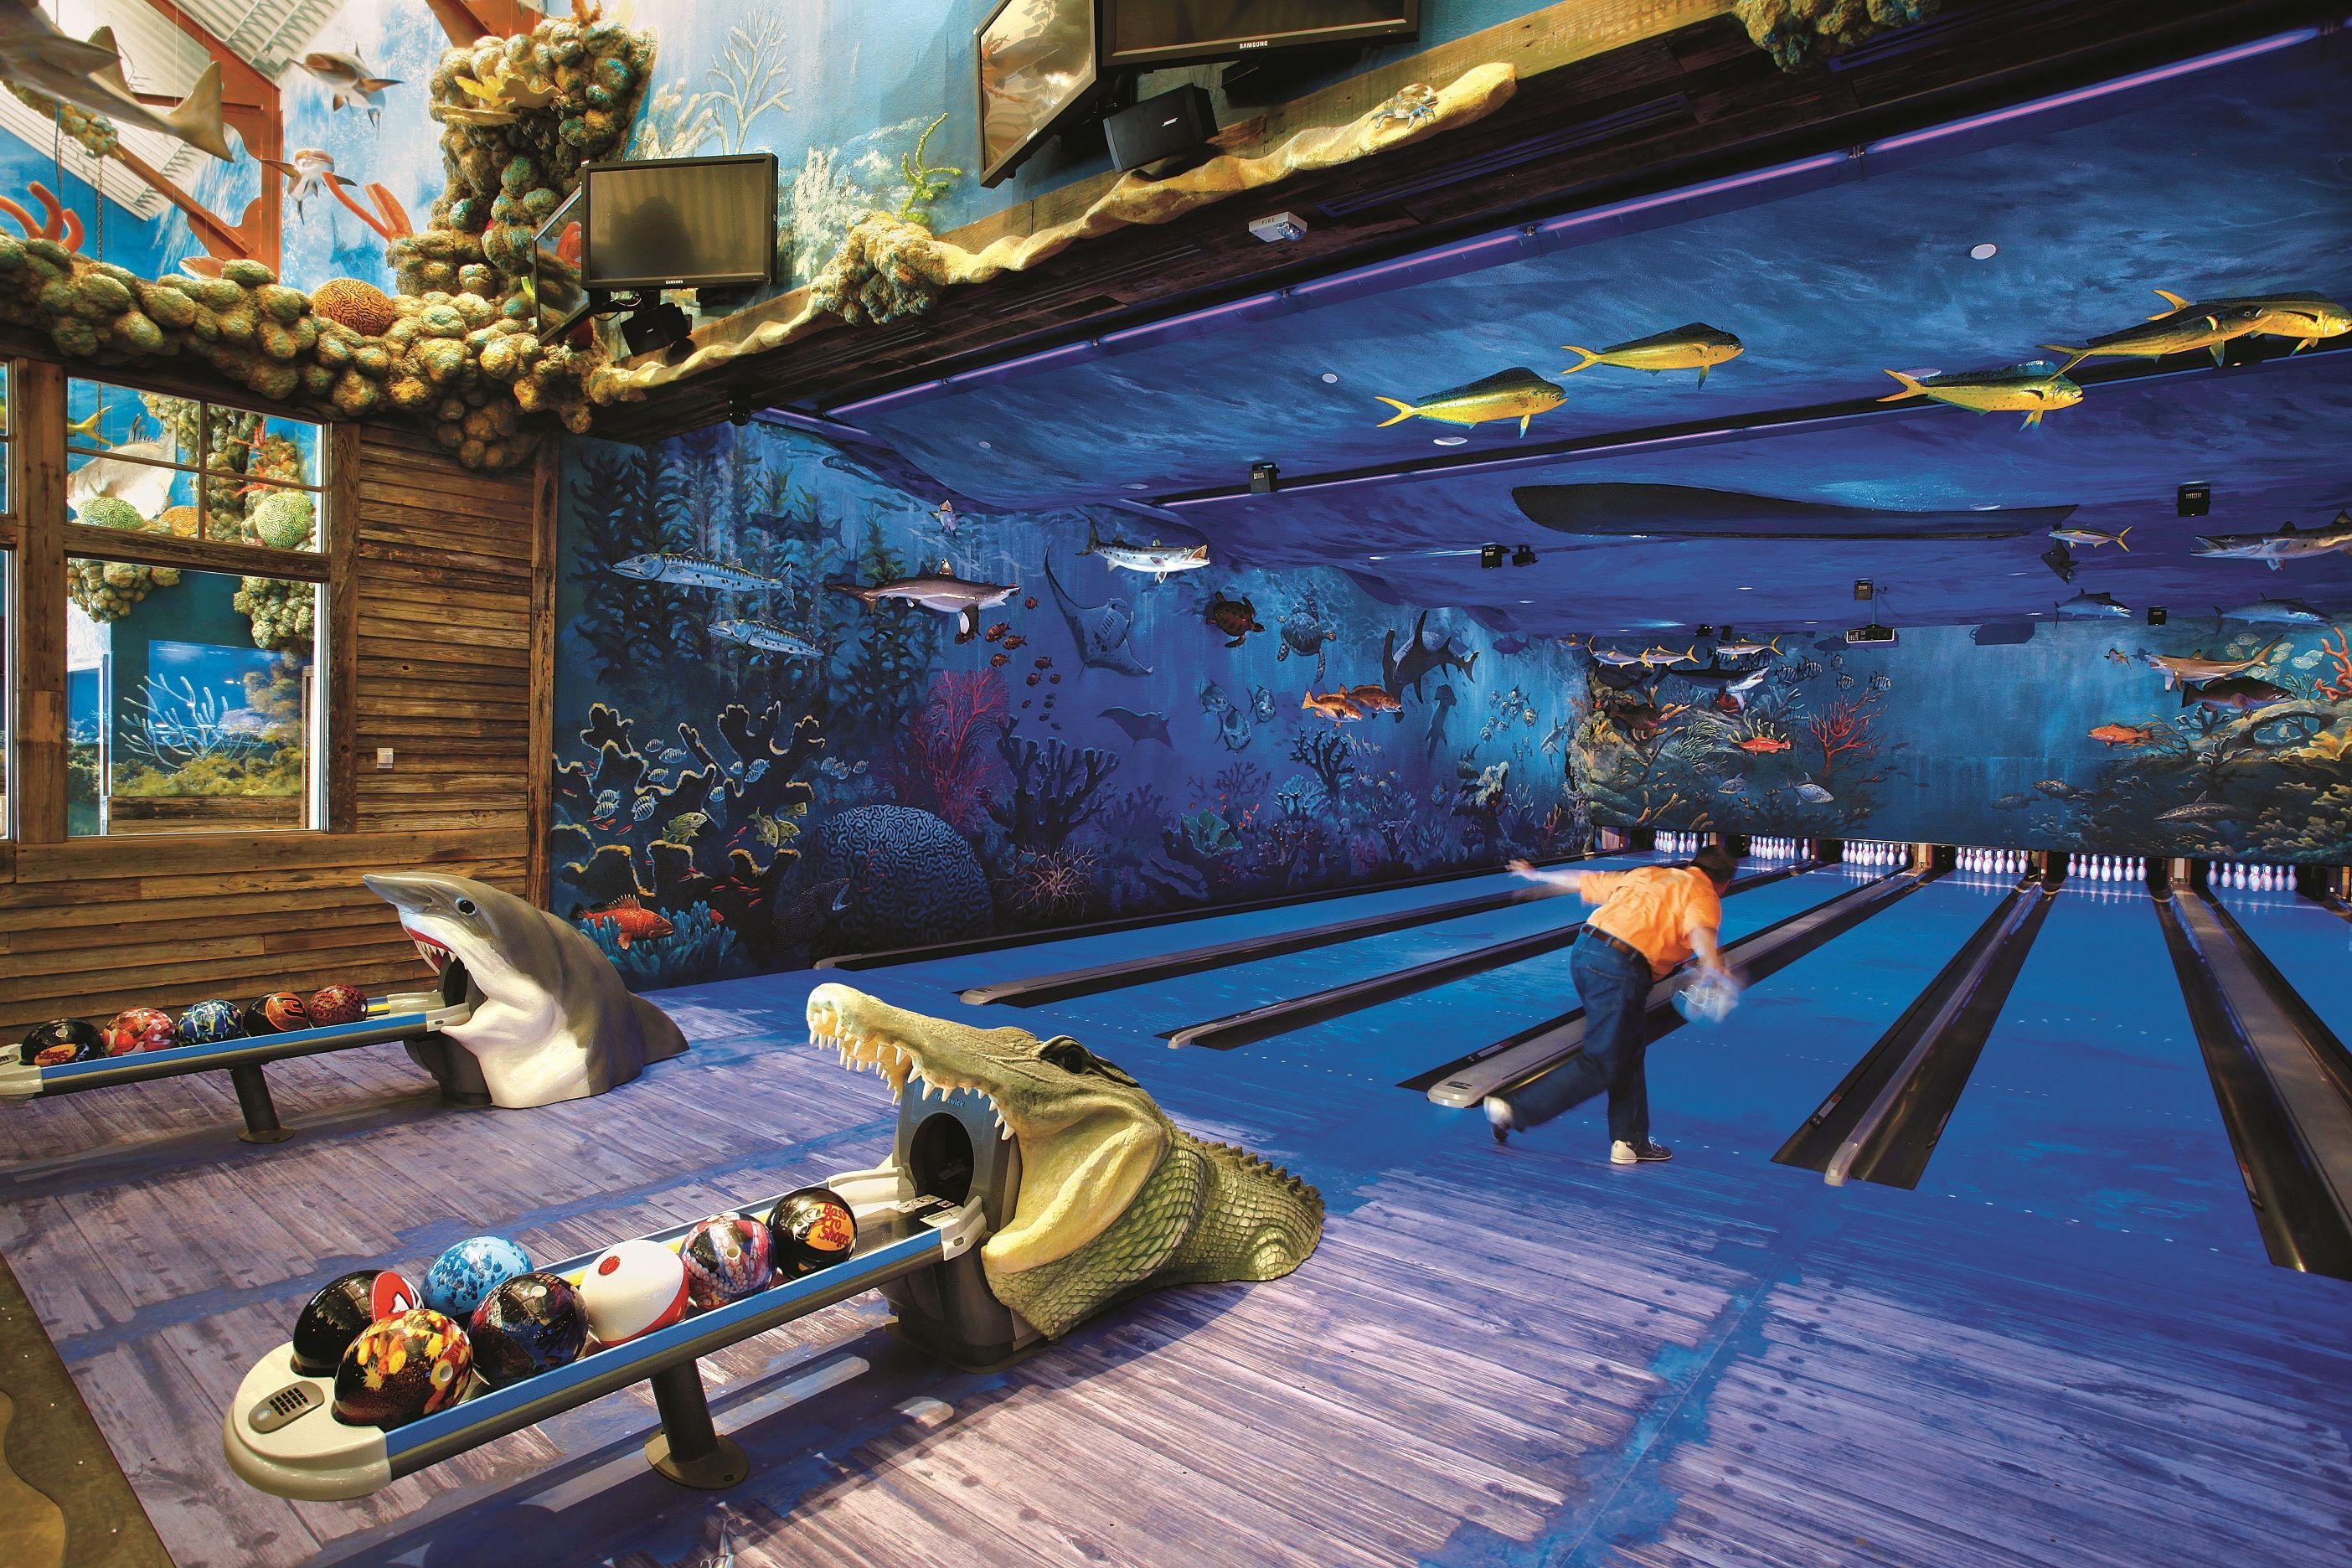 Bowling Alley At Bass Pro Shops Florida Vacation Panama City Beach Vacation Florida Travel